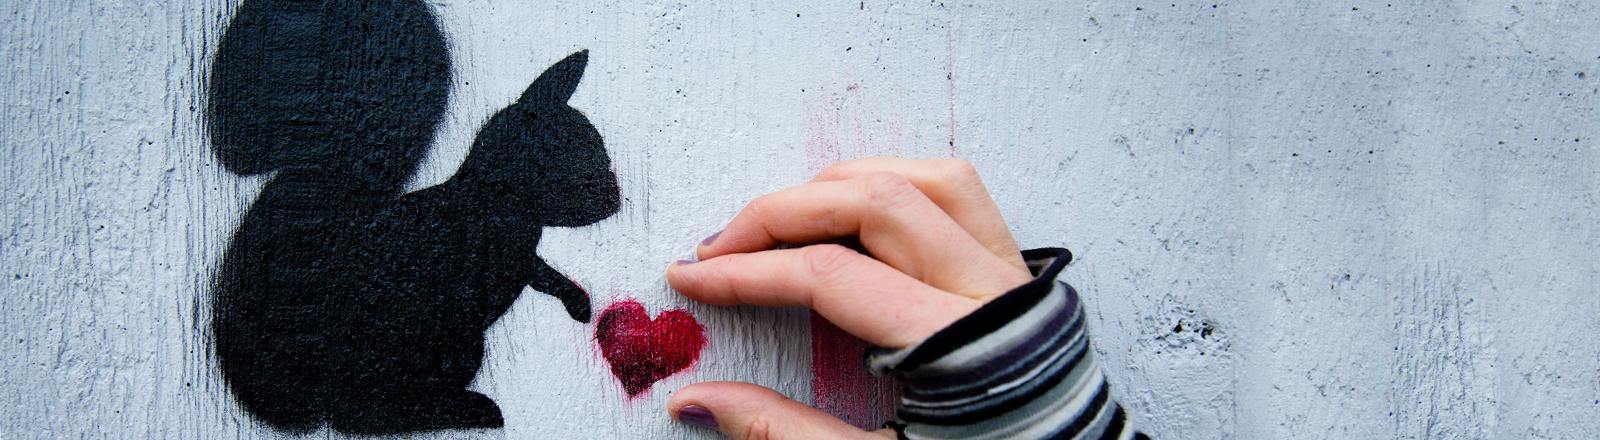 Ein Graffiti Eichhörnchen hat ein Herz in der Pfote- eine menschliche Hand scheint es zu greifen